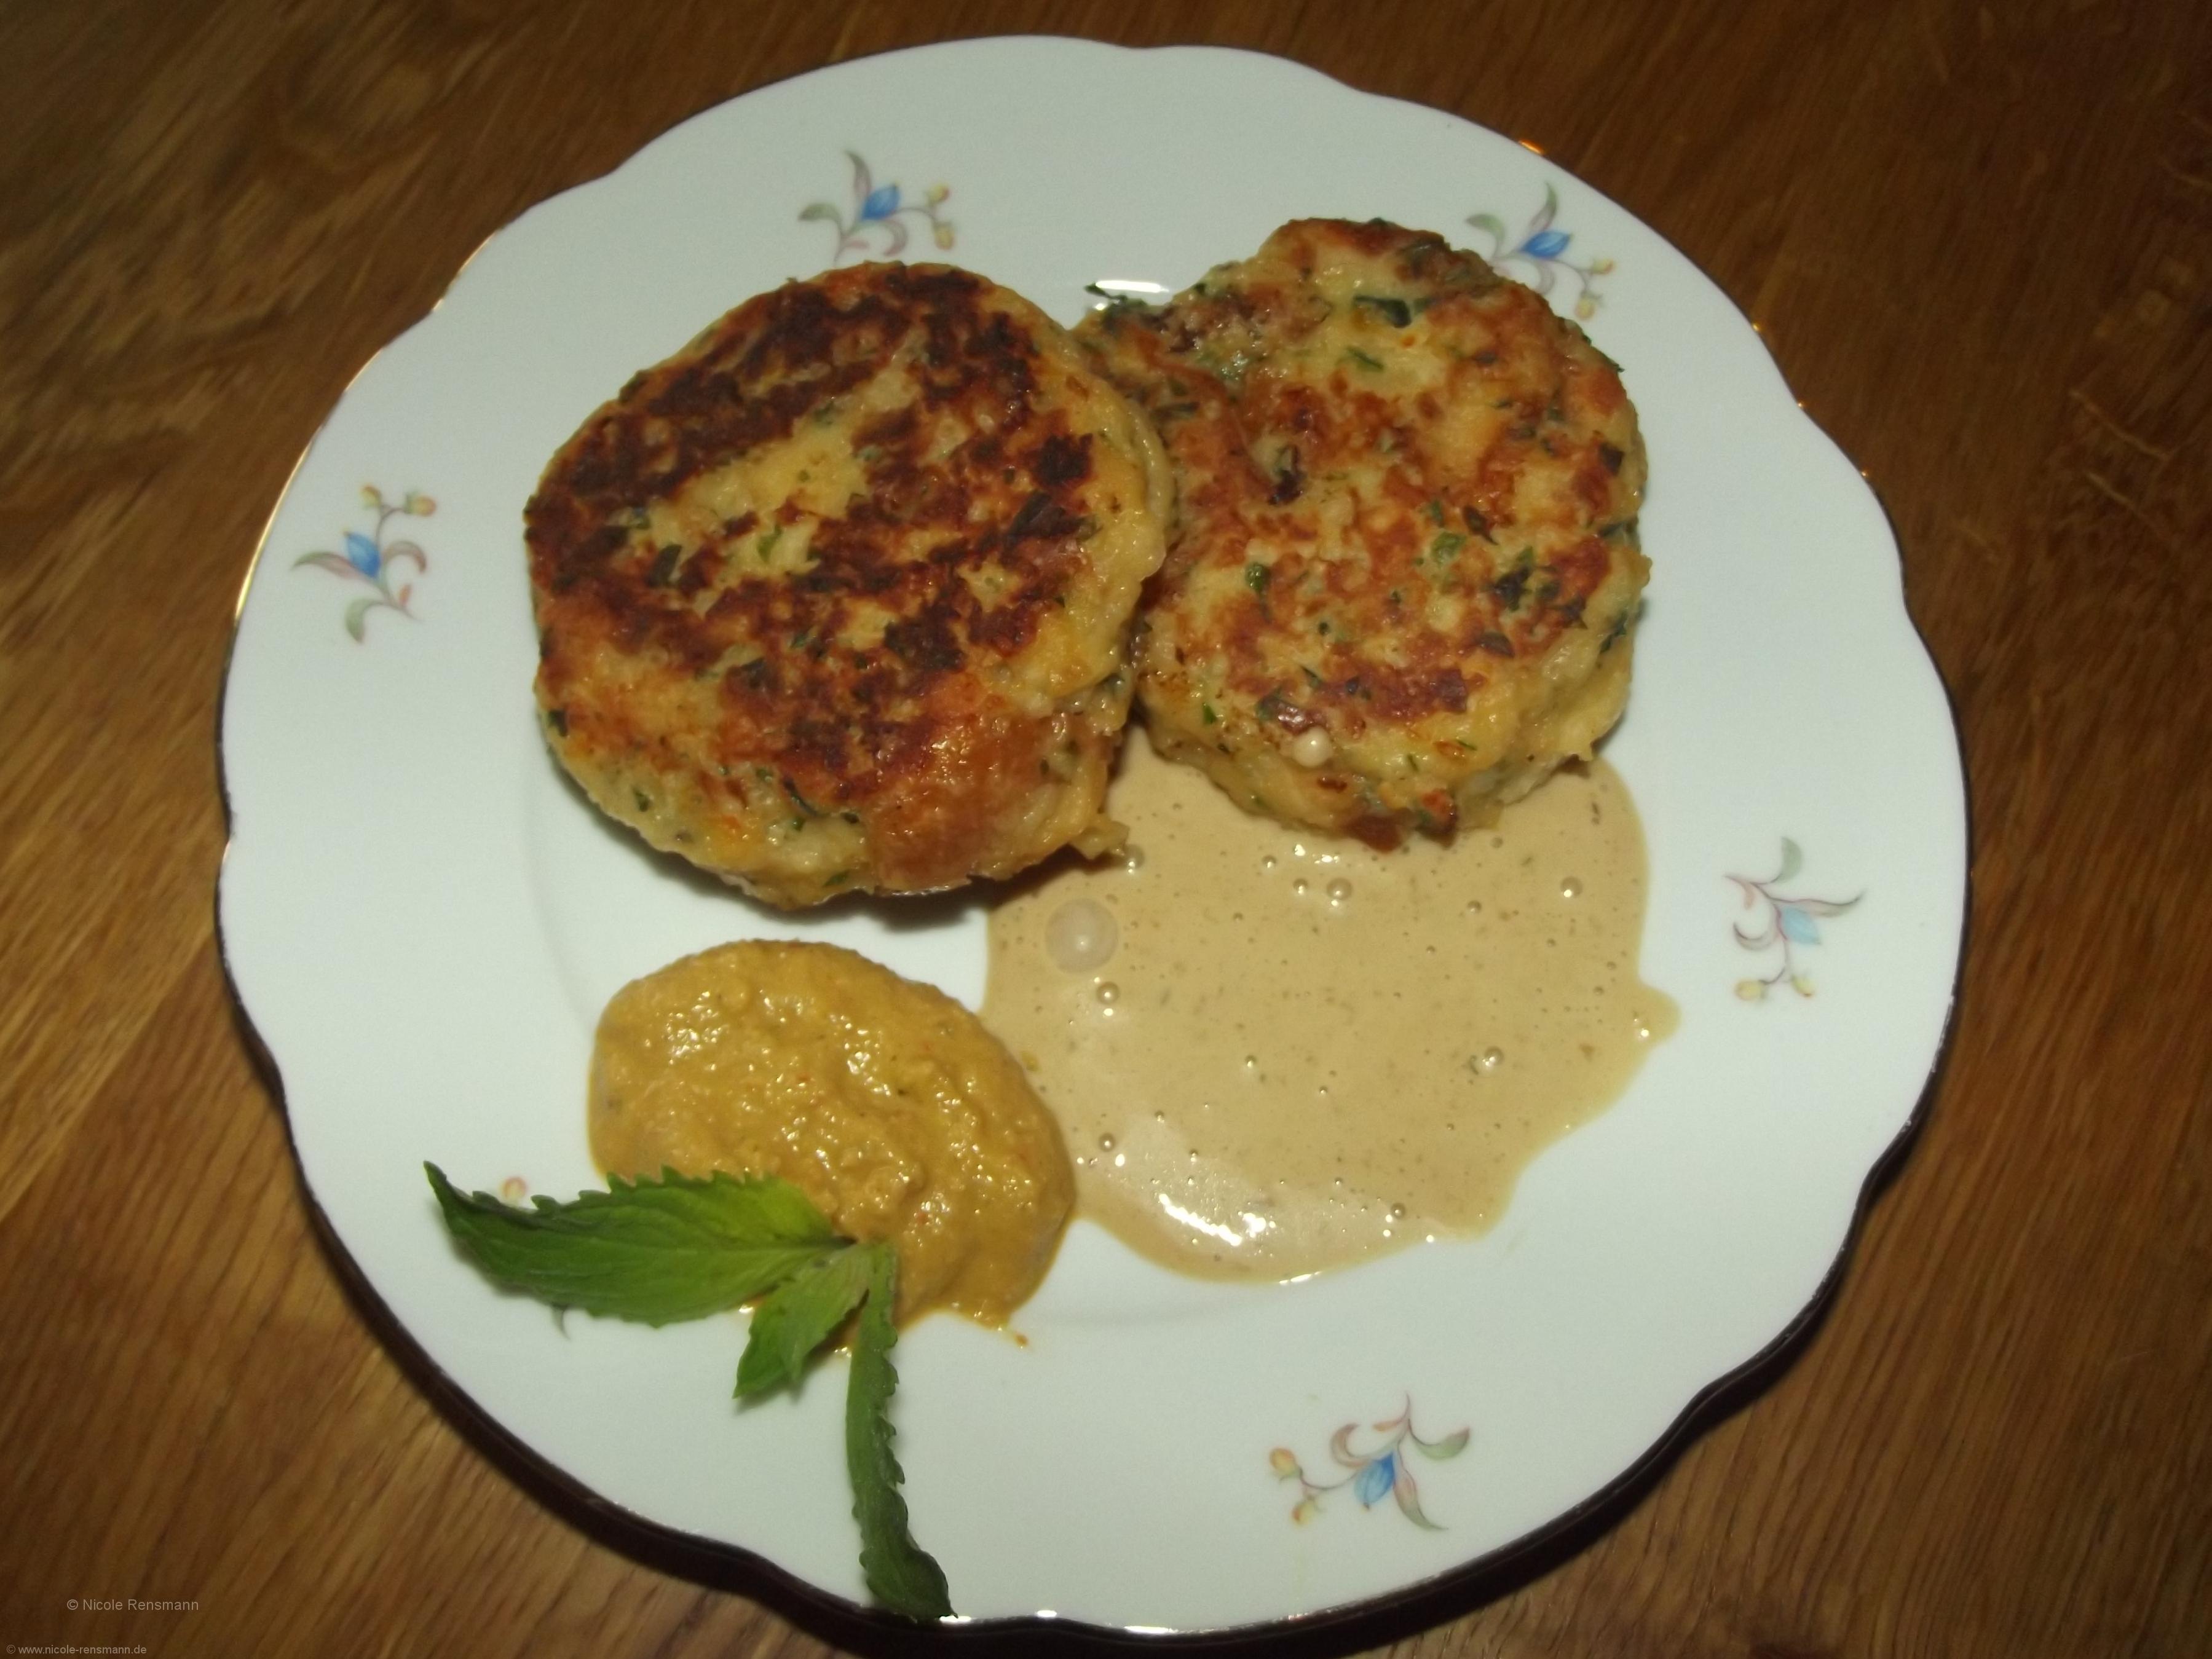 Kaspressknödel - tolles Gericht mit deftigen Käse und als Verwertung für altes Brot